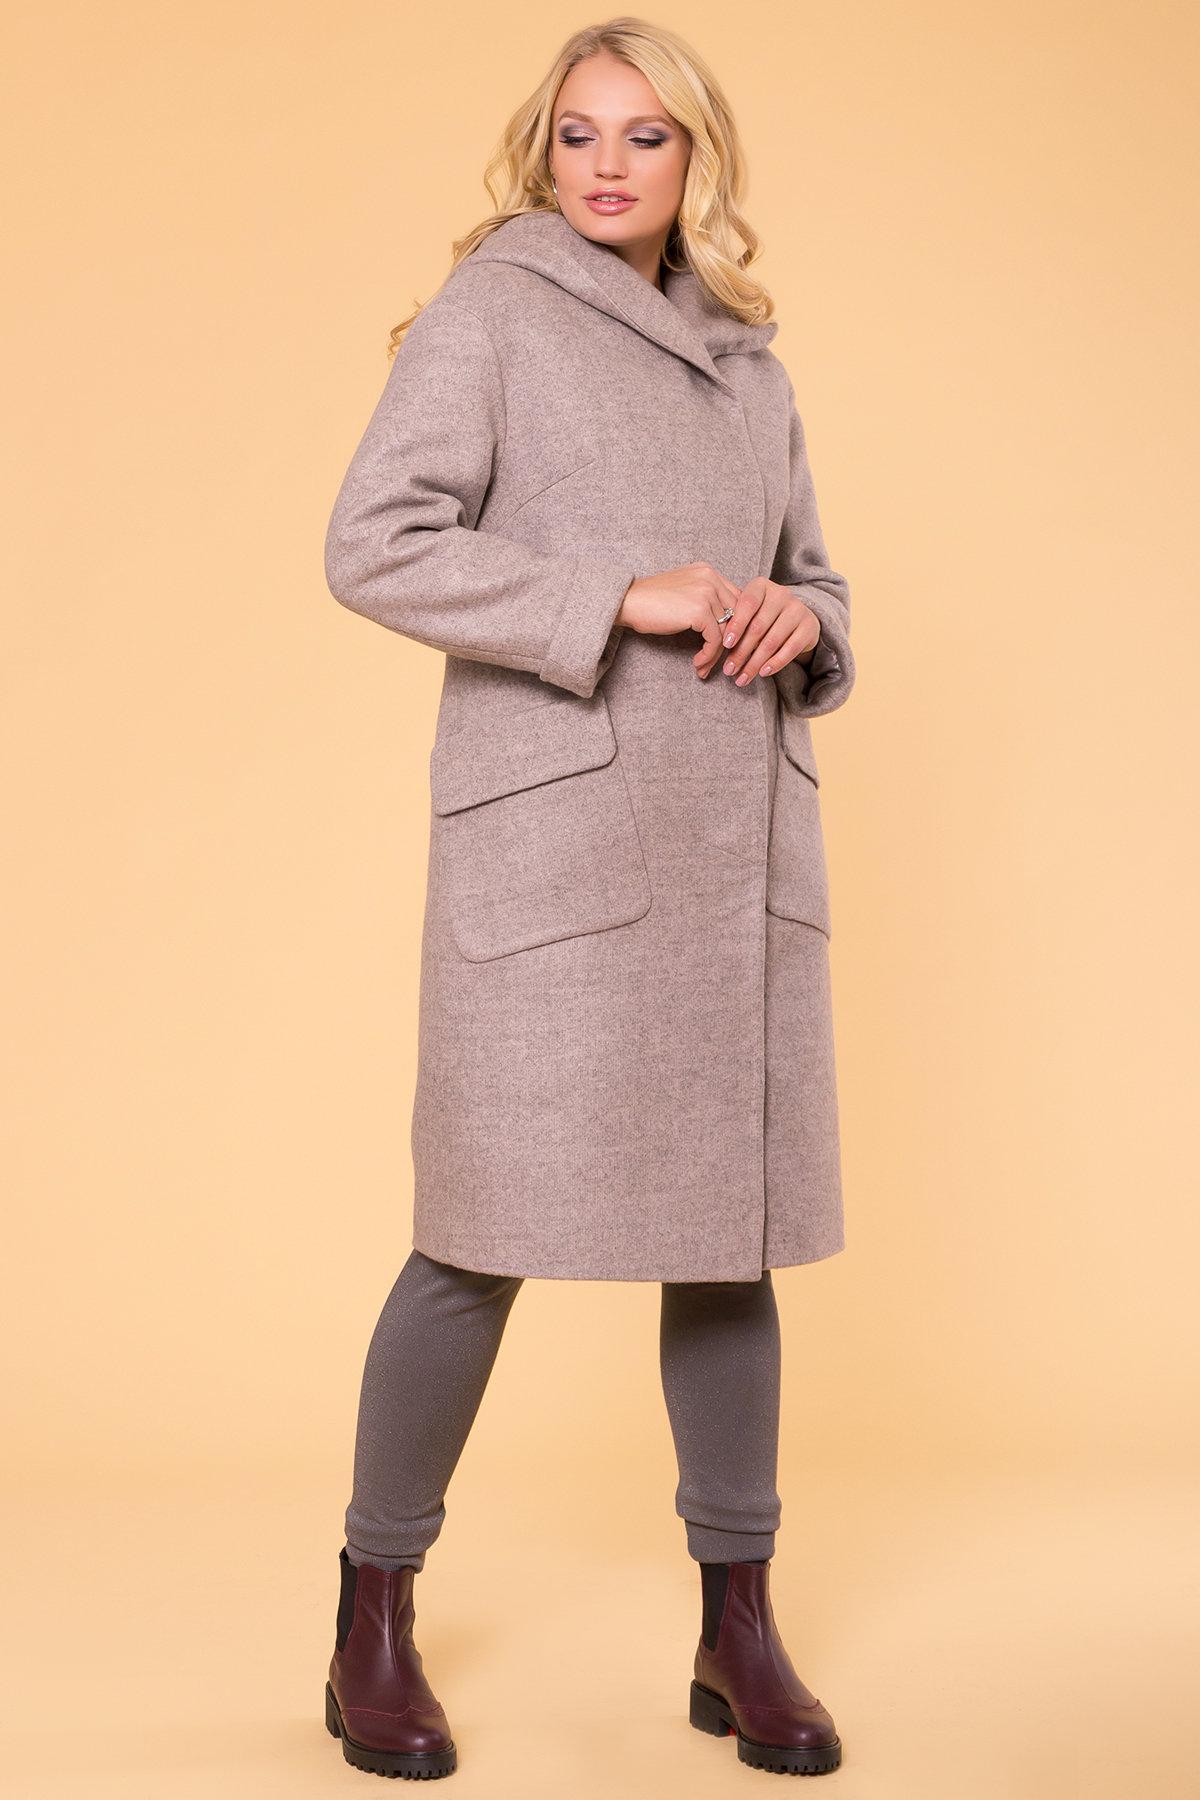 Пальто зима Анджи DONNA 5612 АРТ. 40691 Цвет: Бежевый 31 - фото 4, интернет магазин tm-modus.ru